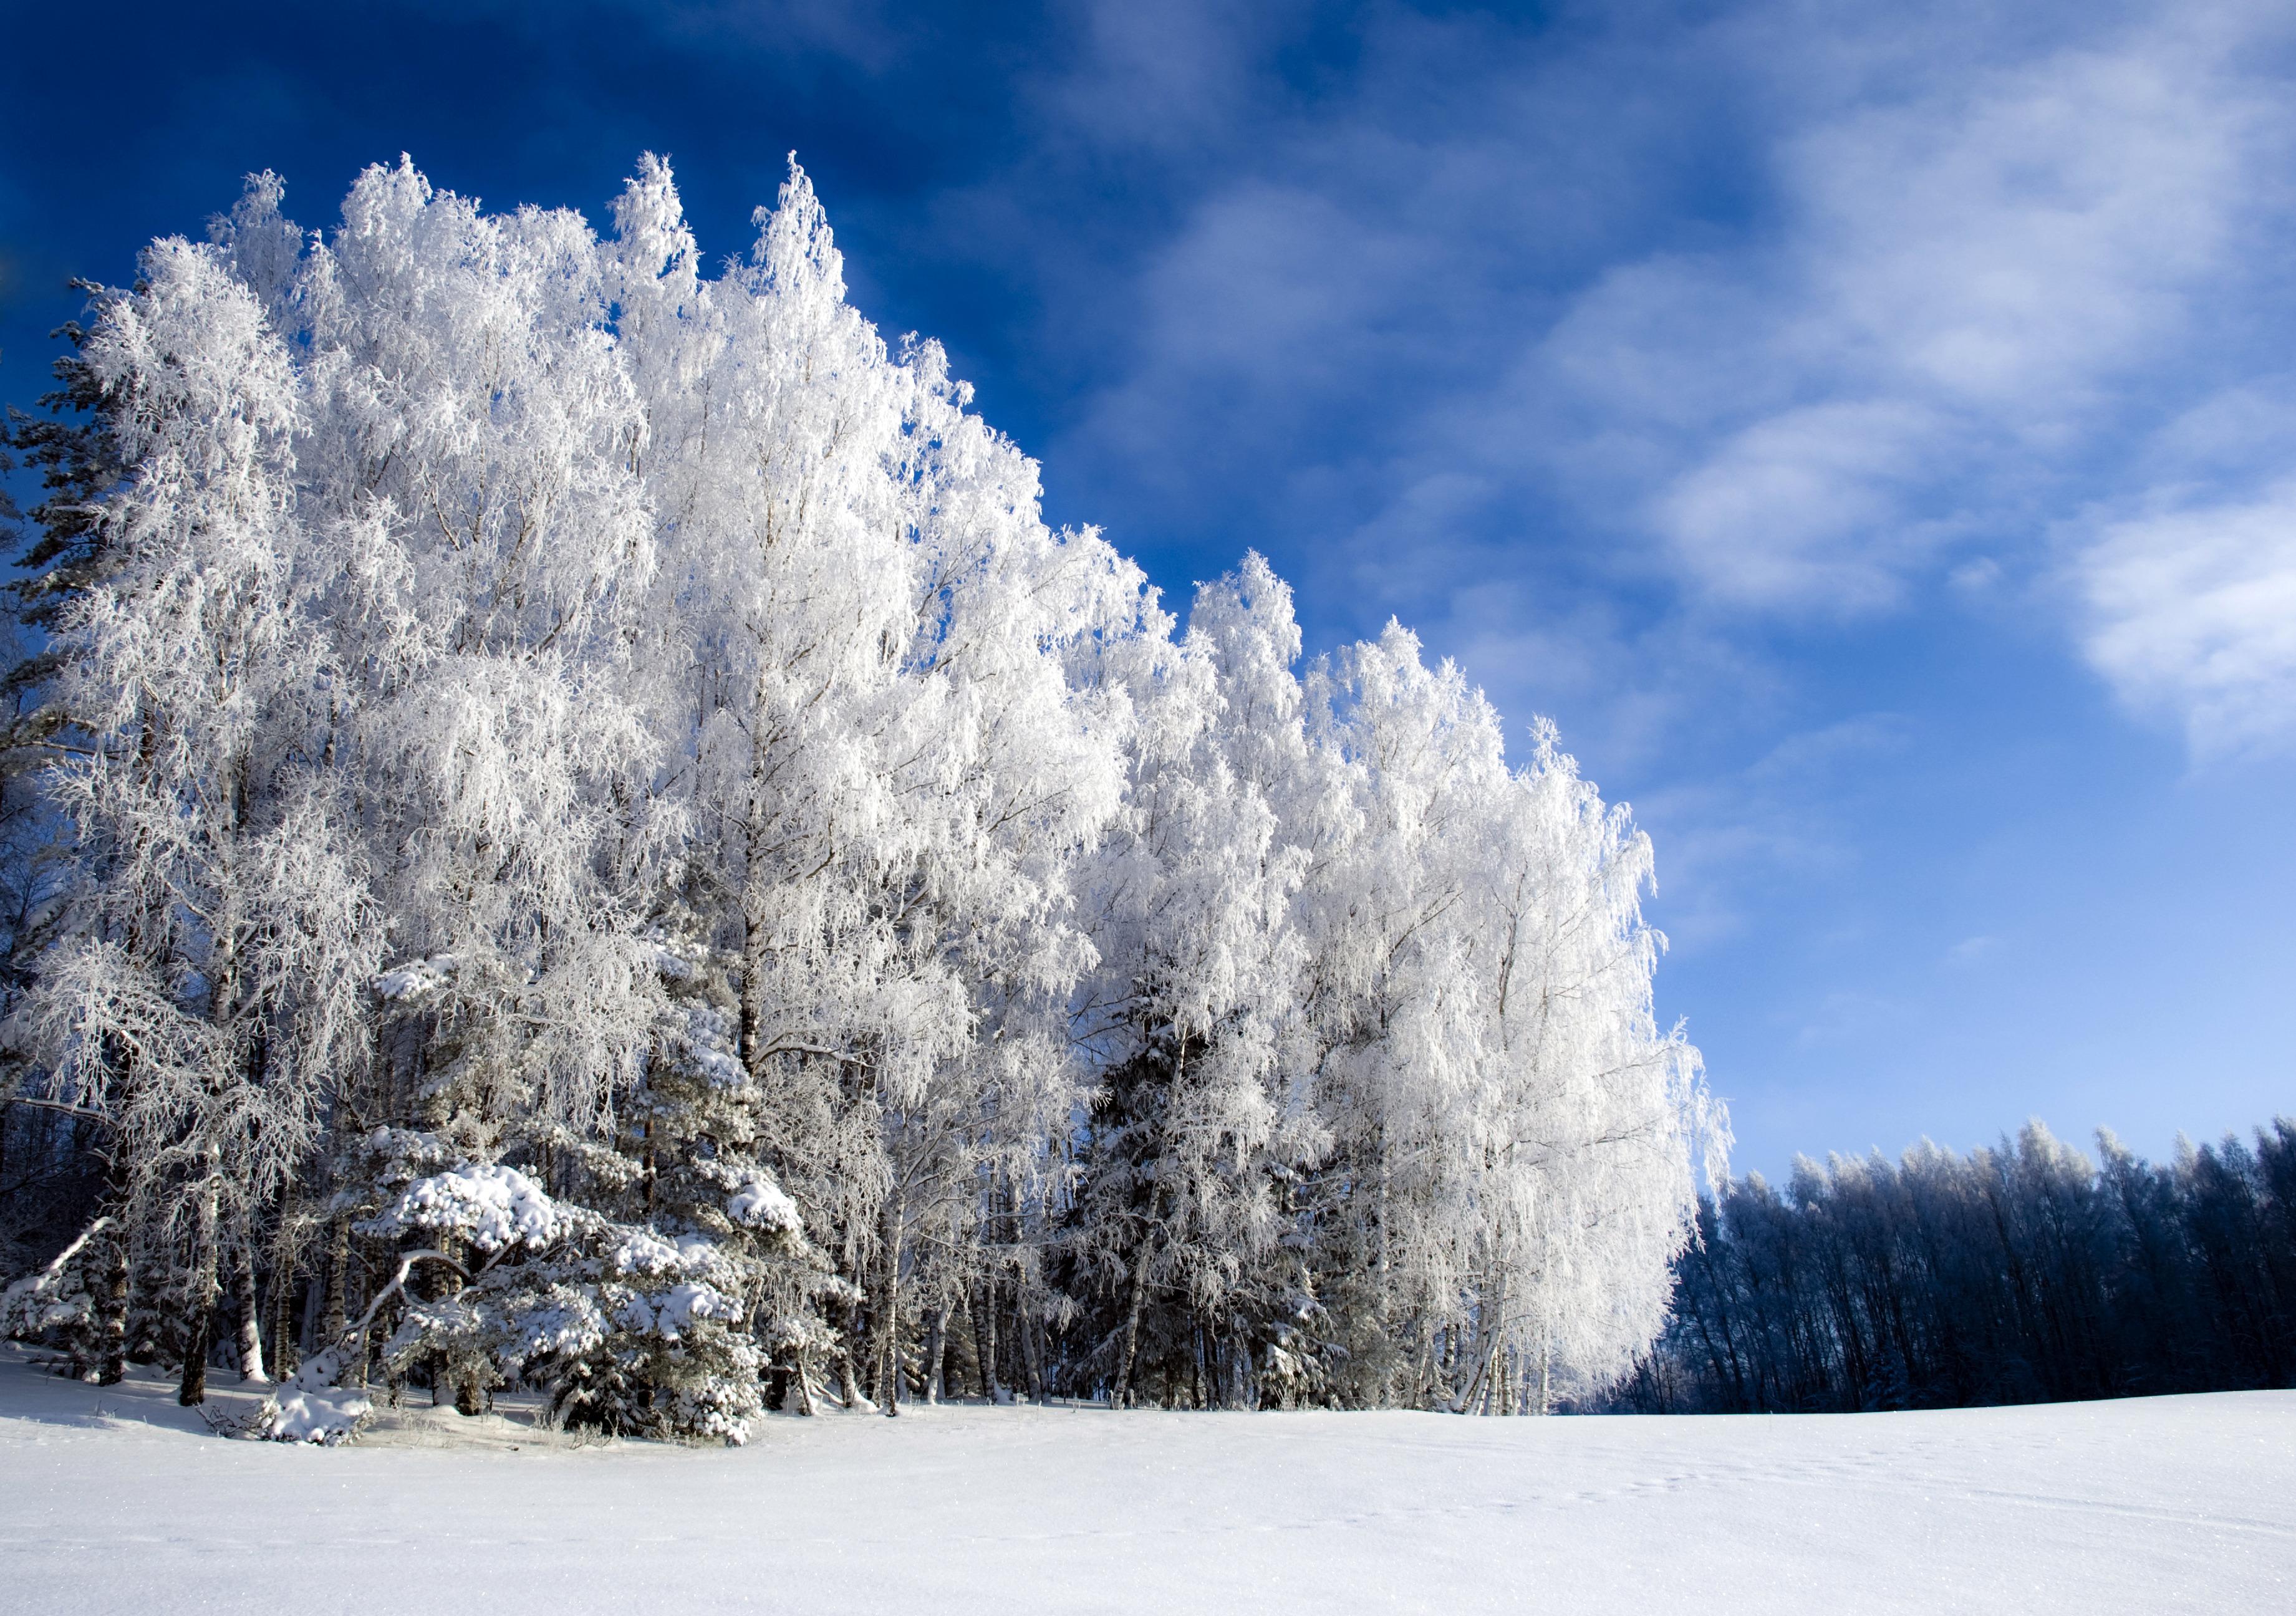 того чтобы зима в россии картинки на телефон этом, семья